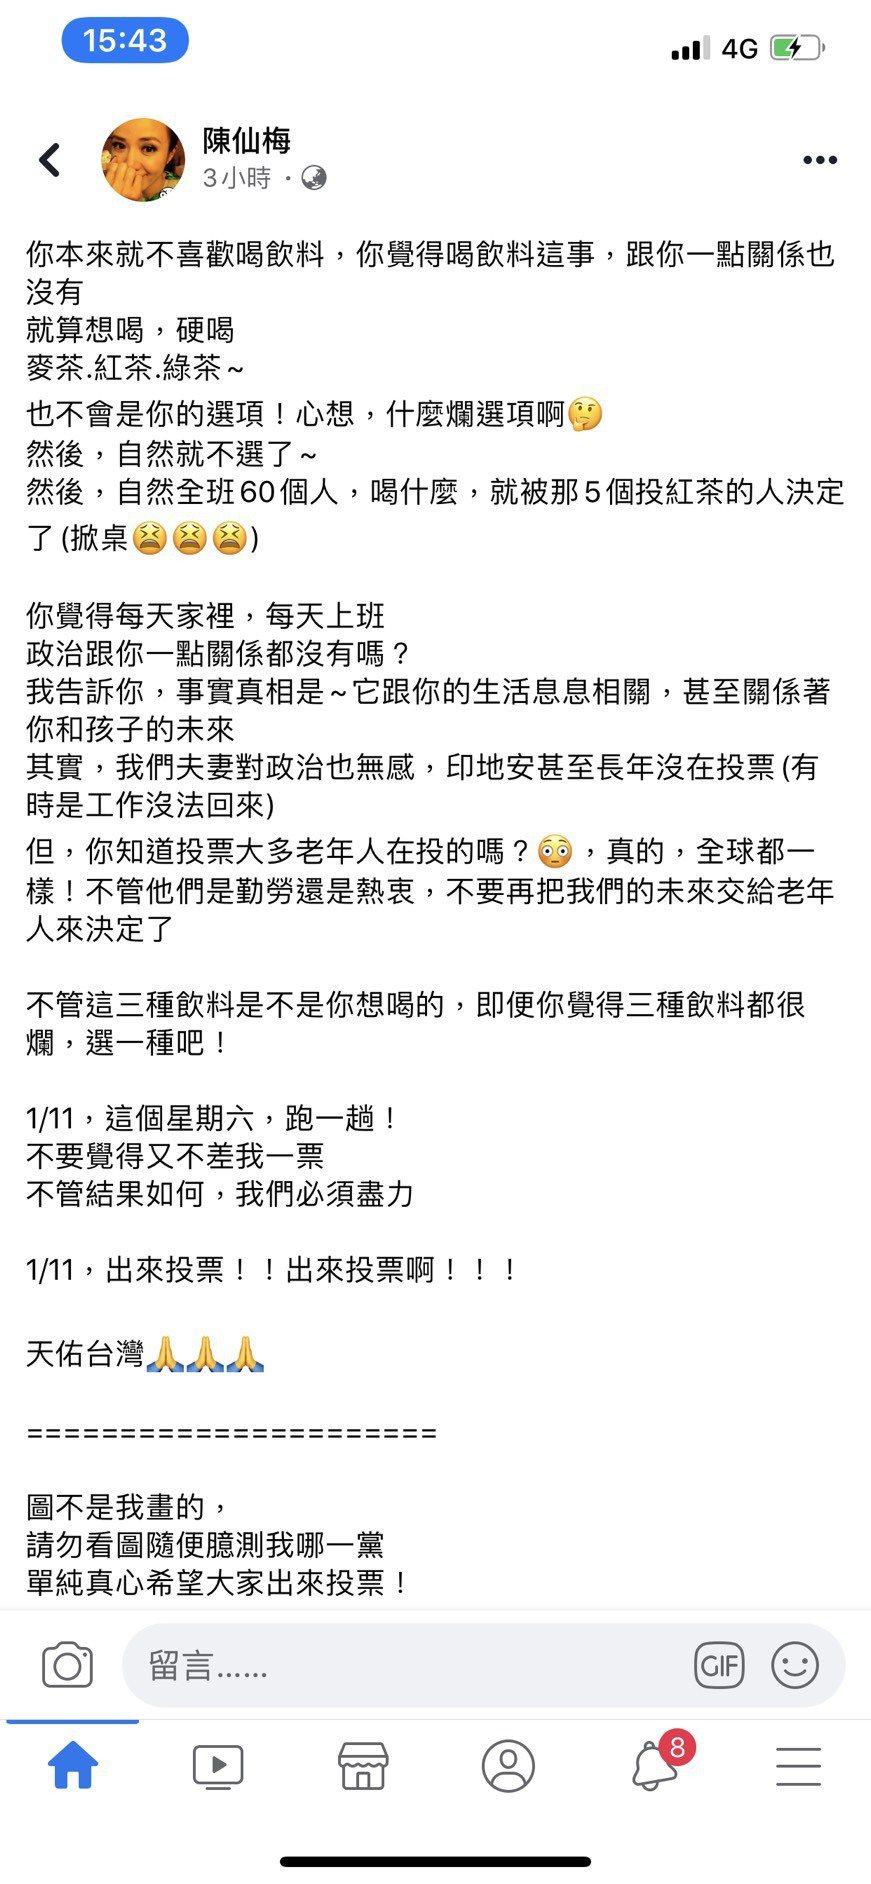 陳仙梅臉書全文。圖/摘自臉書